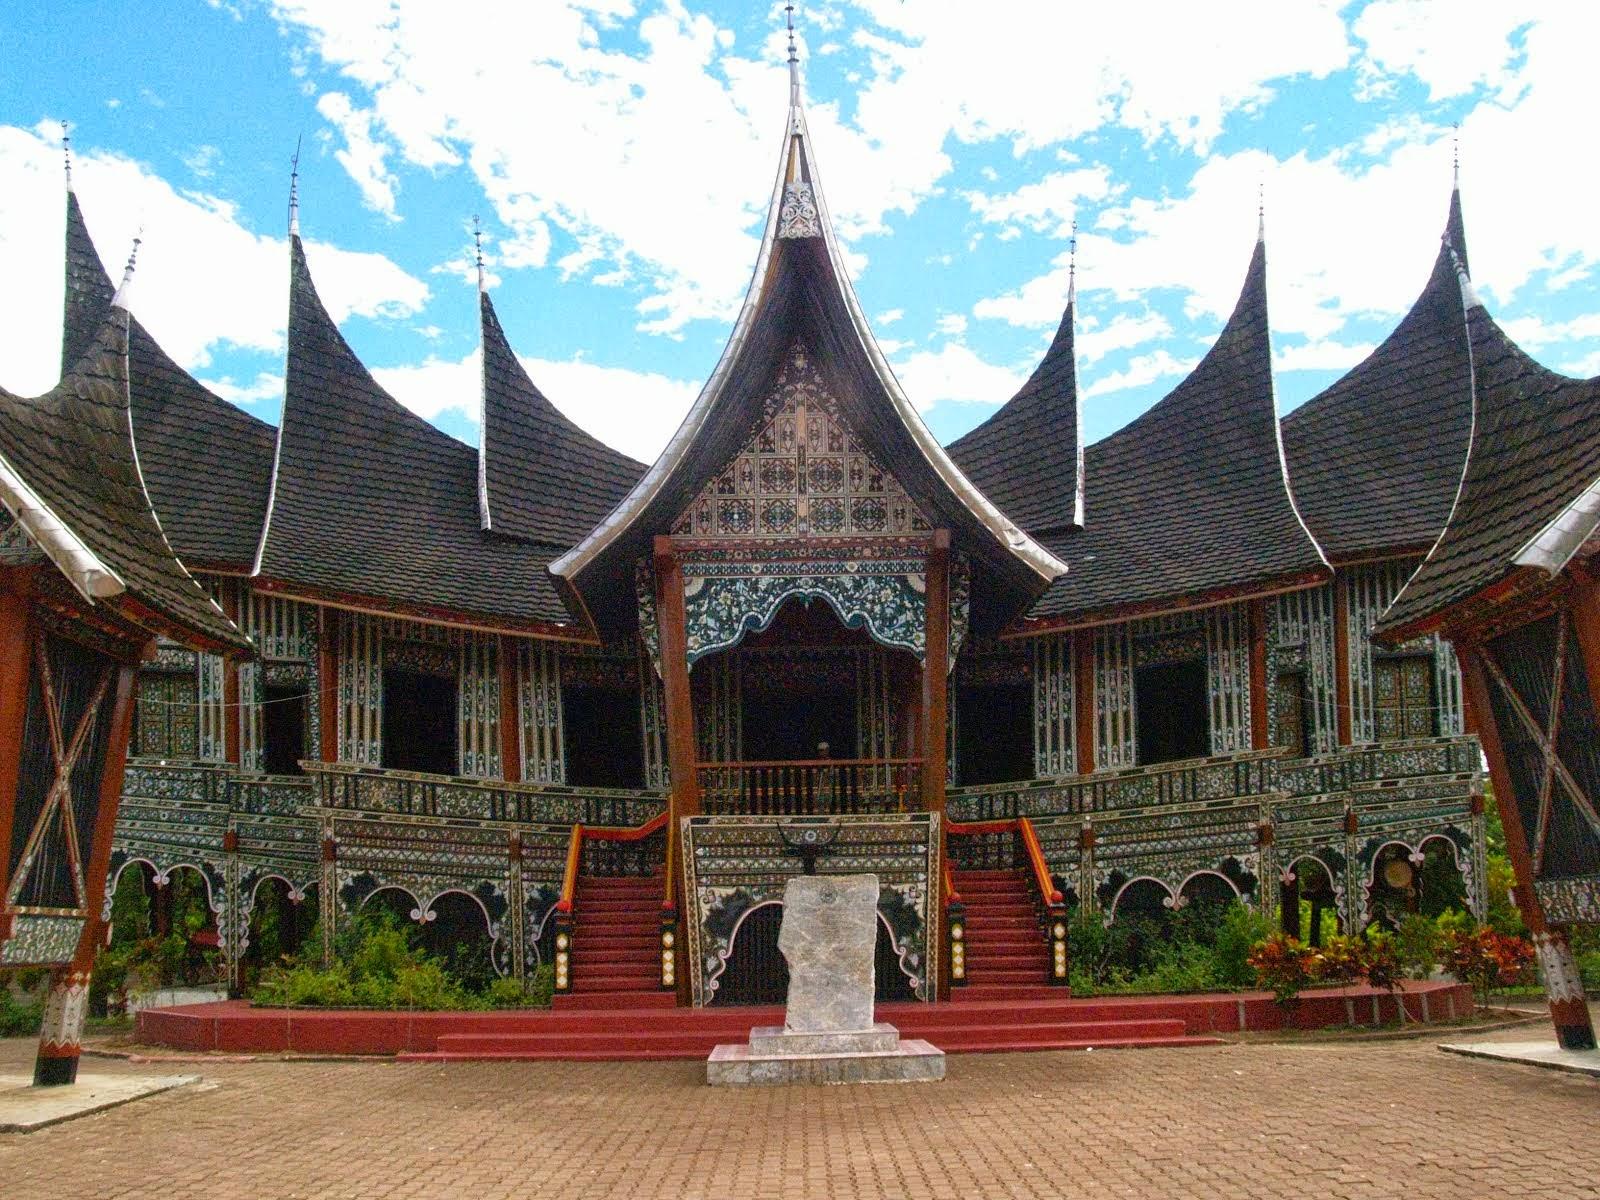 Rumah%2BGadang VisitIndonesia Paradise